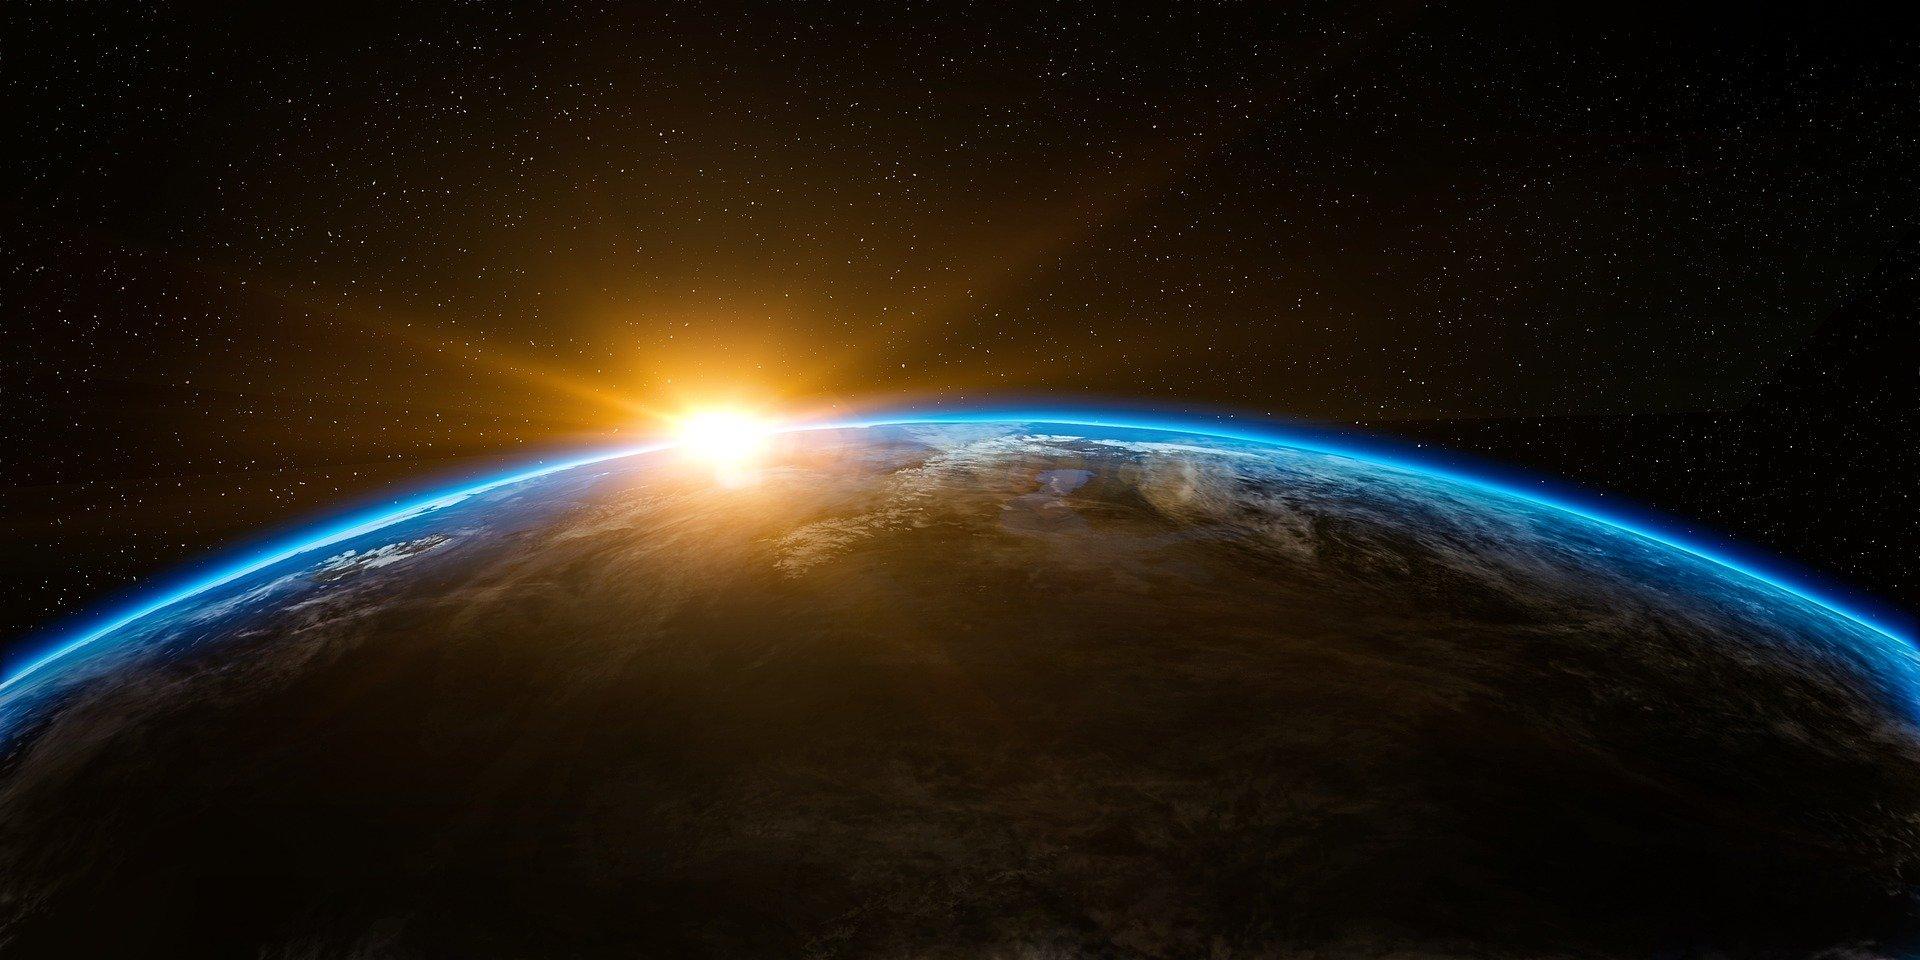 earth-1756274_1920